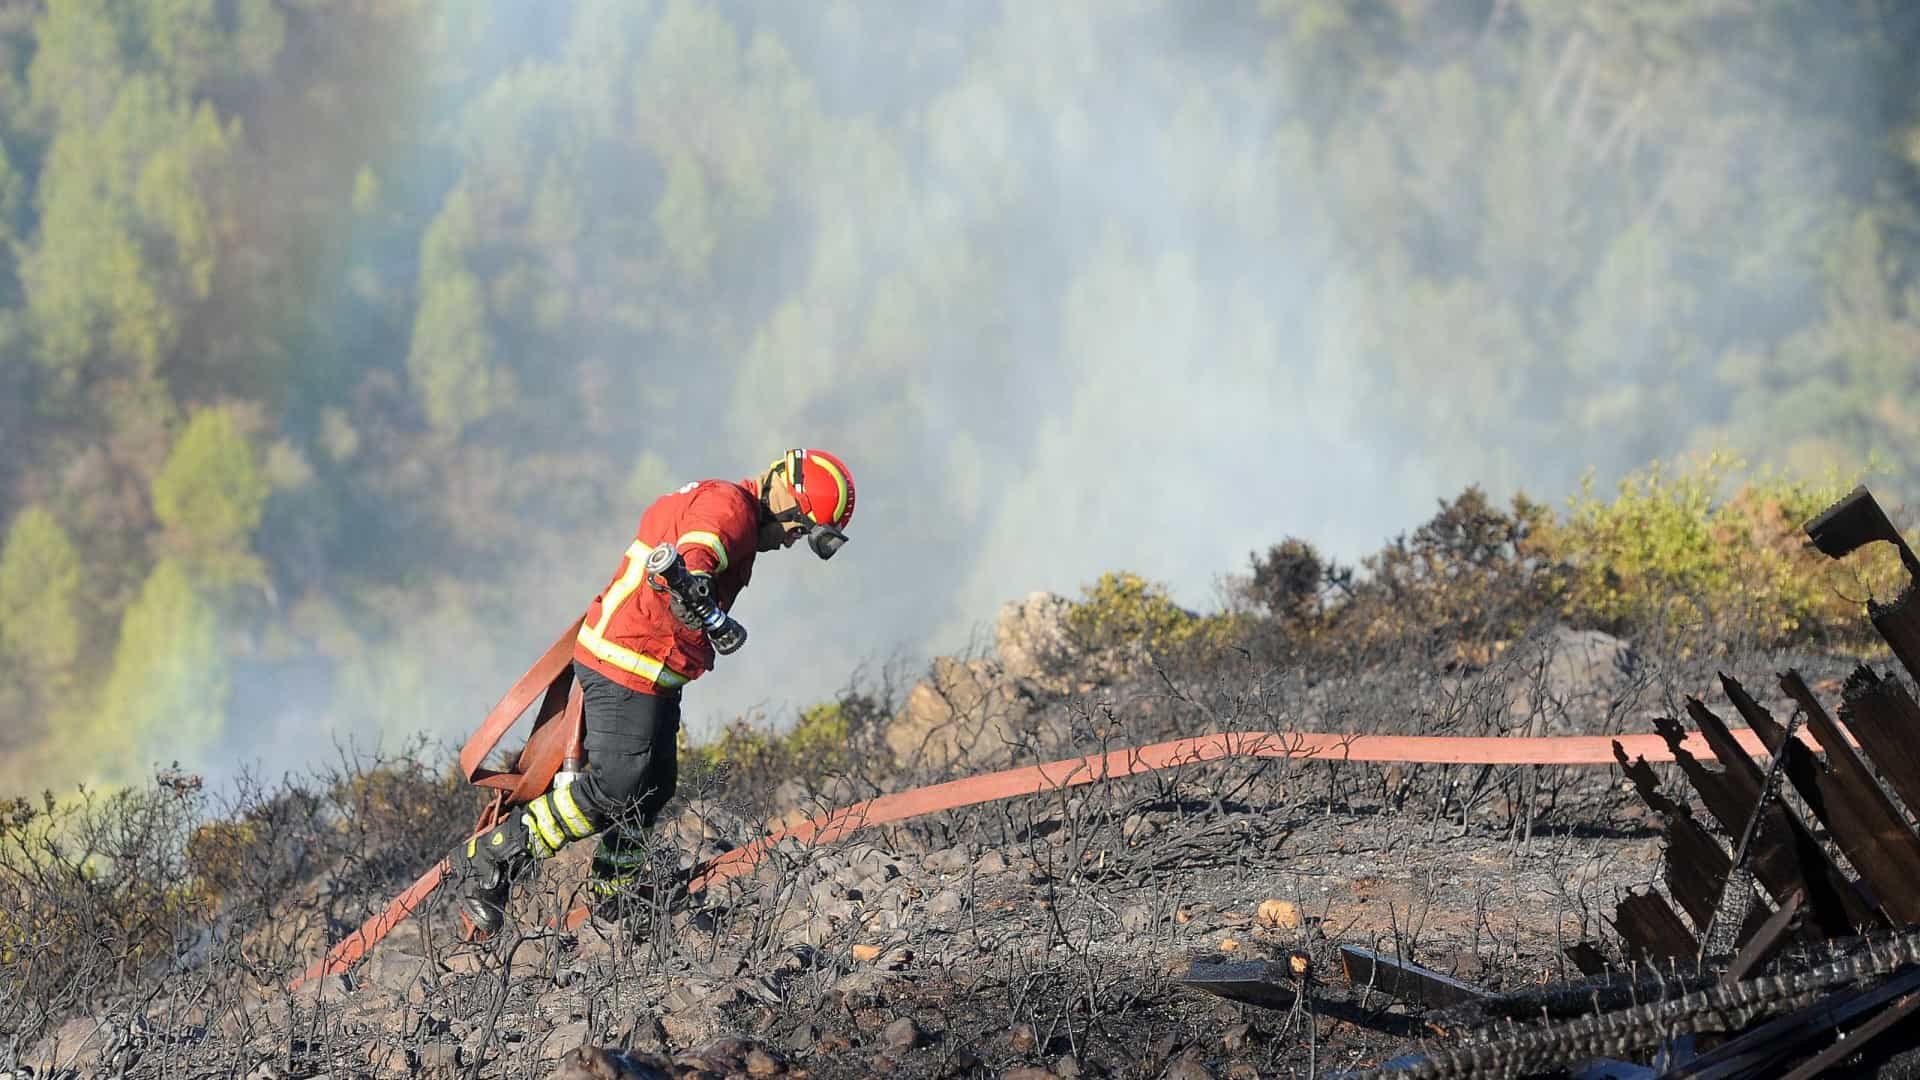 Nove concelhos do país em risco muito elevado de incêndio